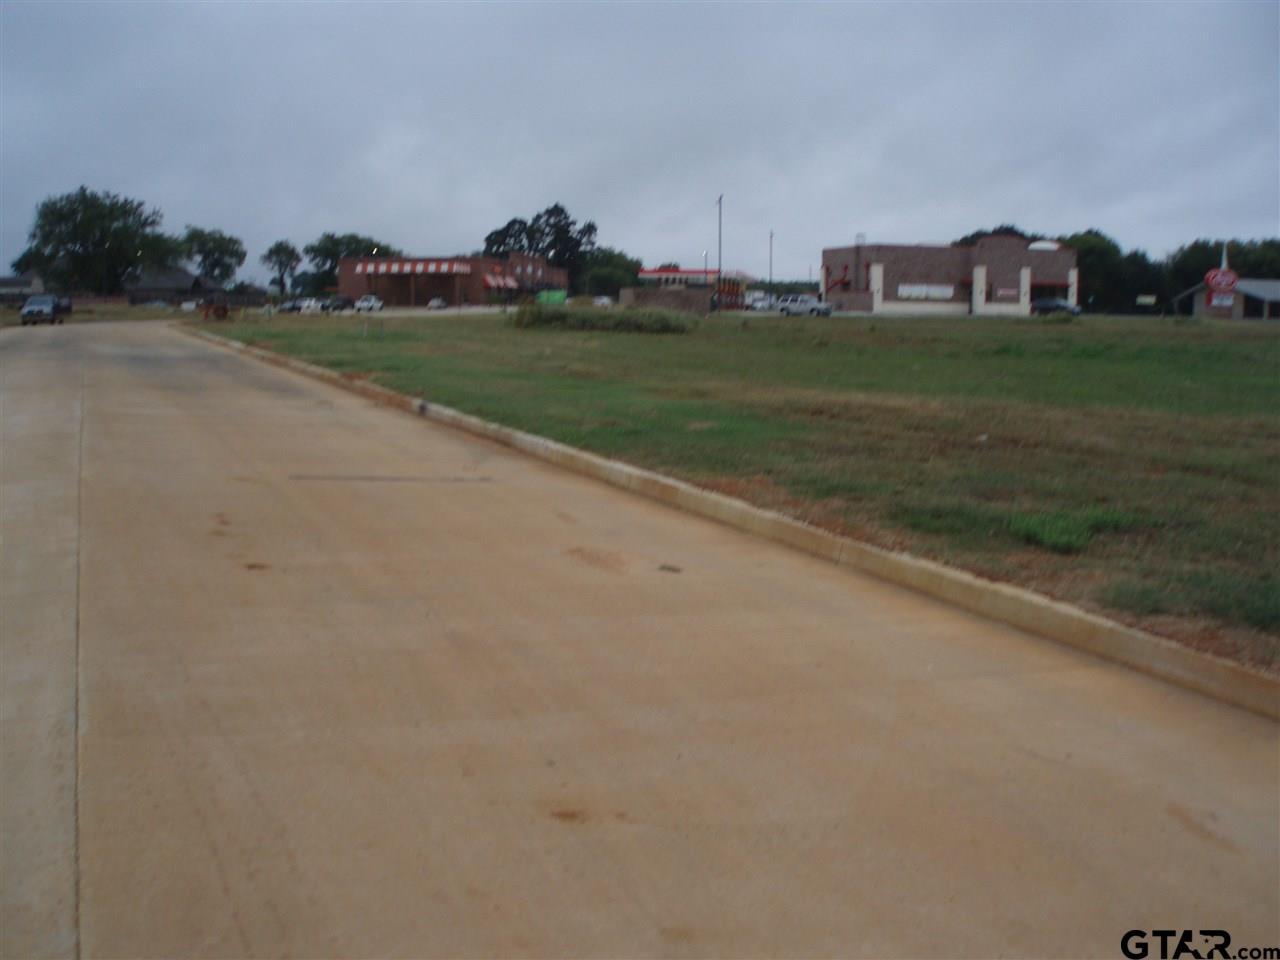 006 S Doctor M Roper Parkway (us Hwy 69), Bullard TX 75757 - Photo 2